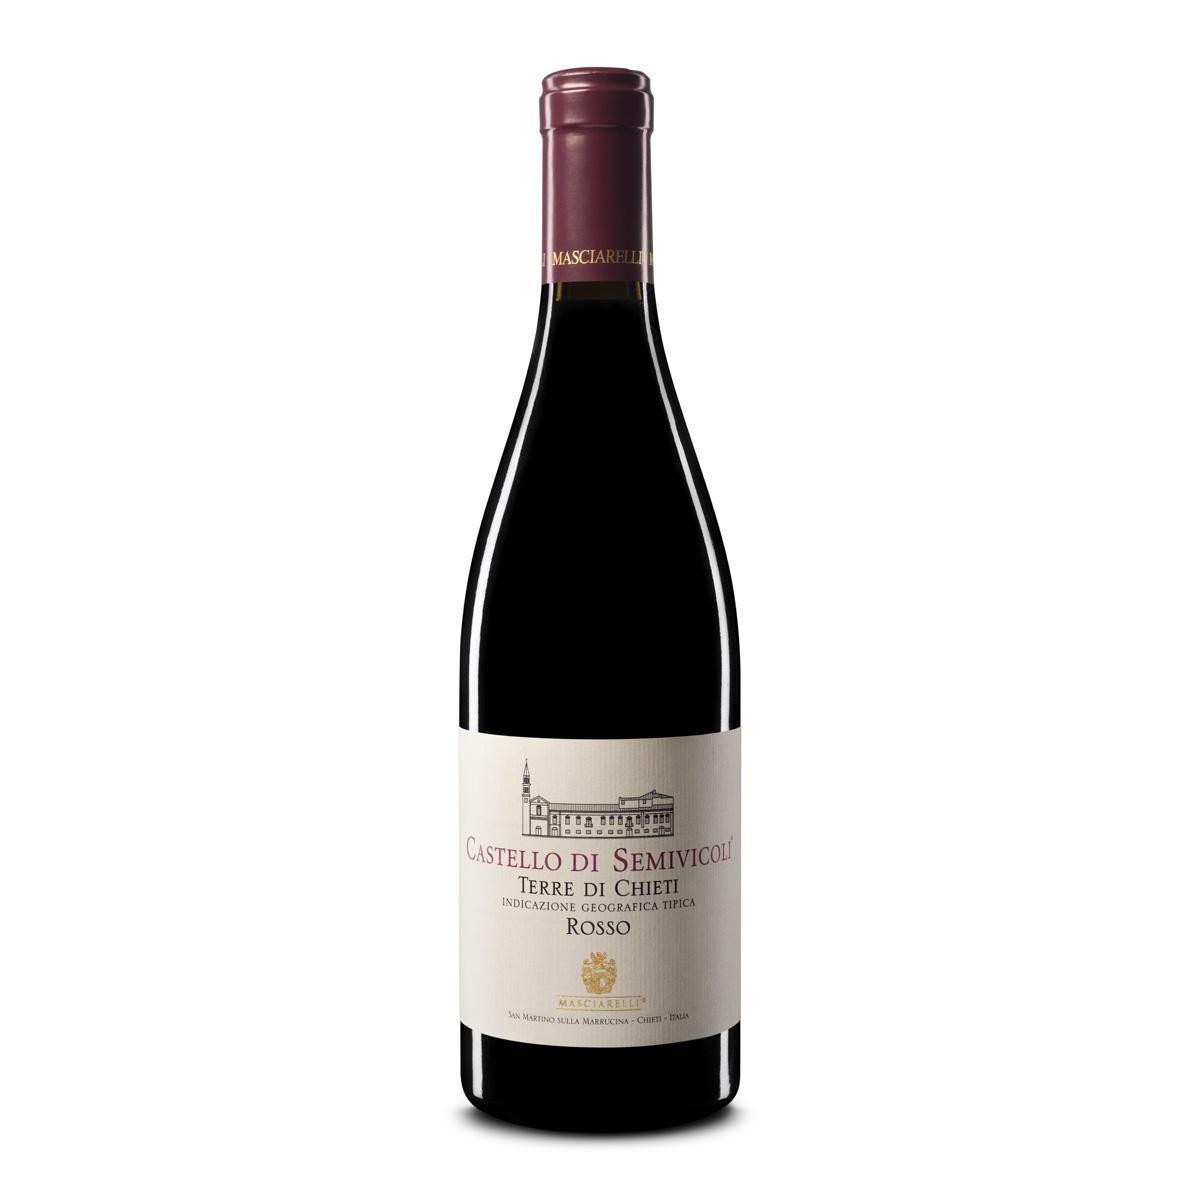 意大利塞米维可利城堡系列  基耶蒂 干红葡萄酒 IGT